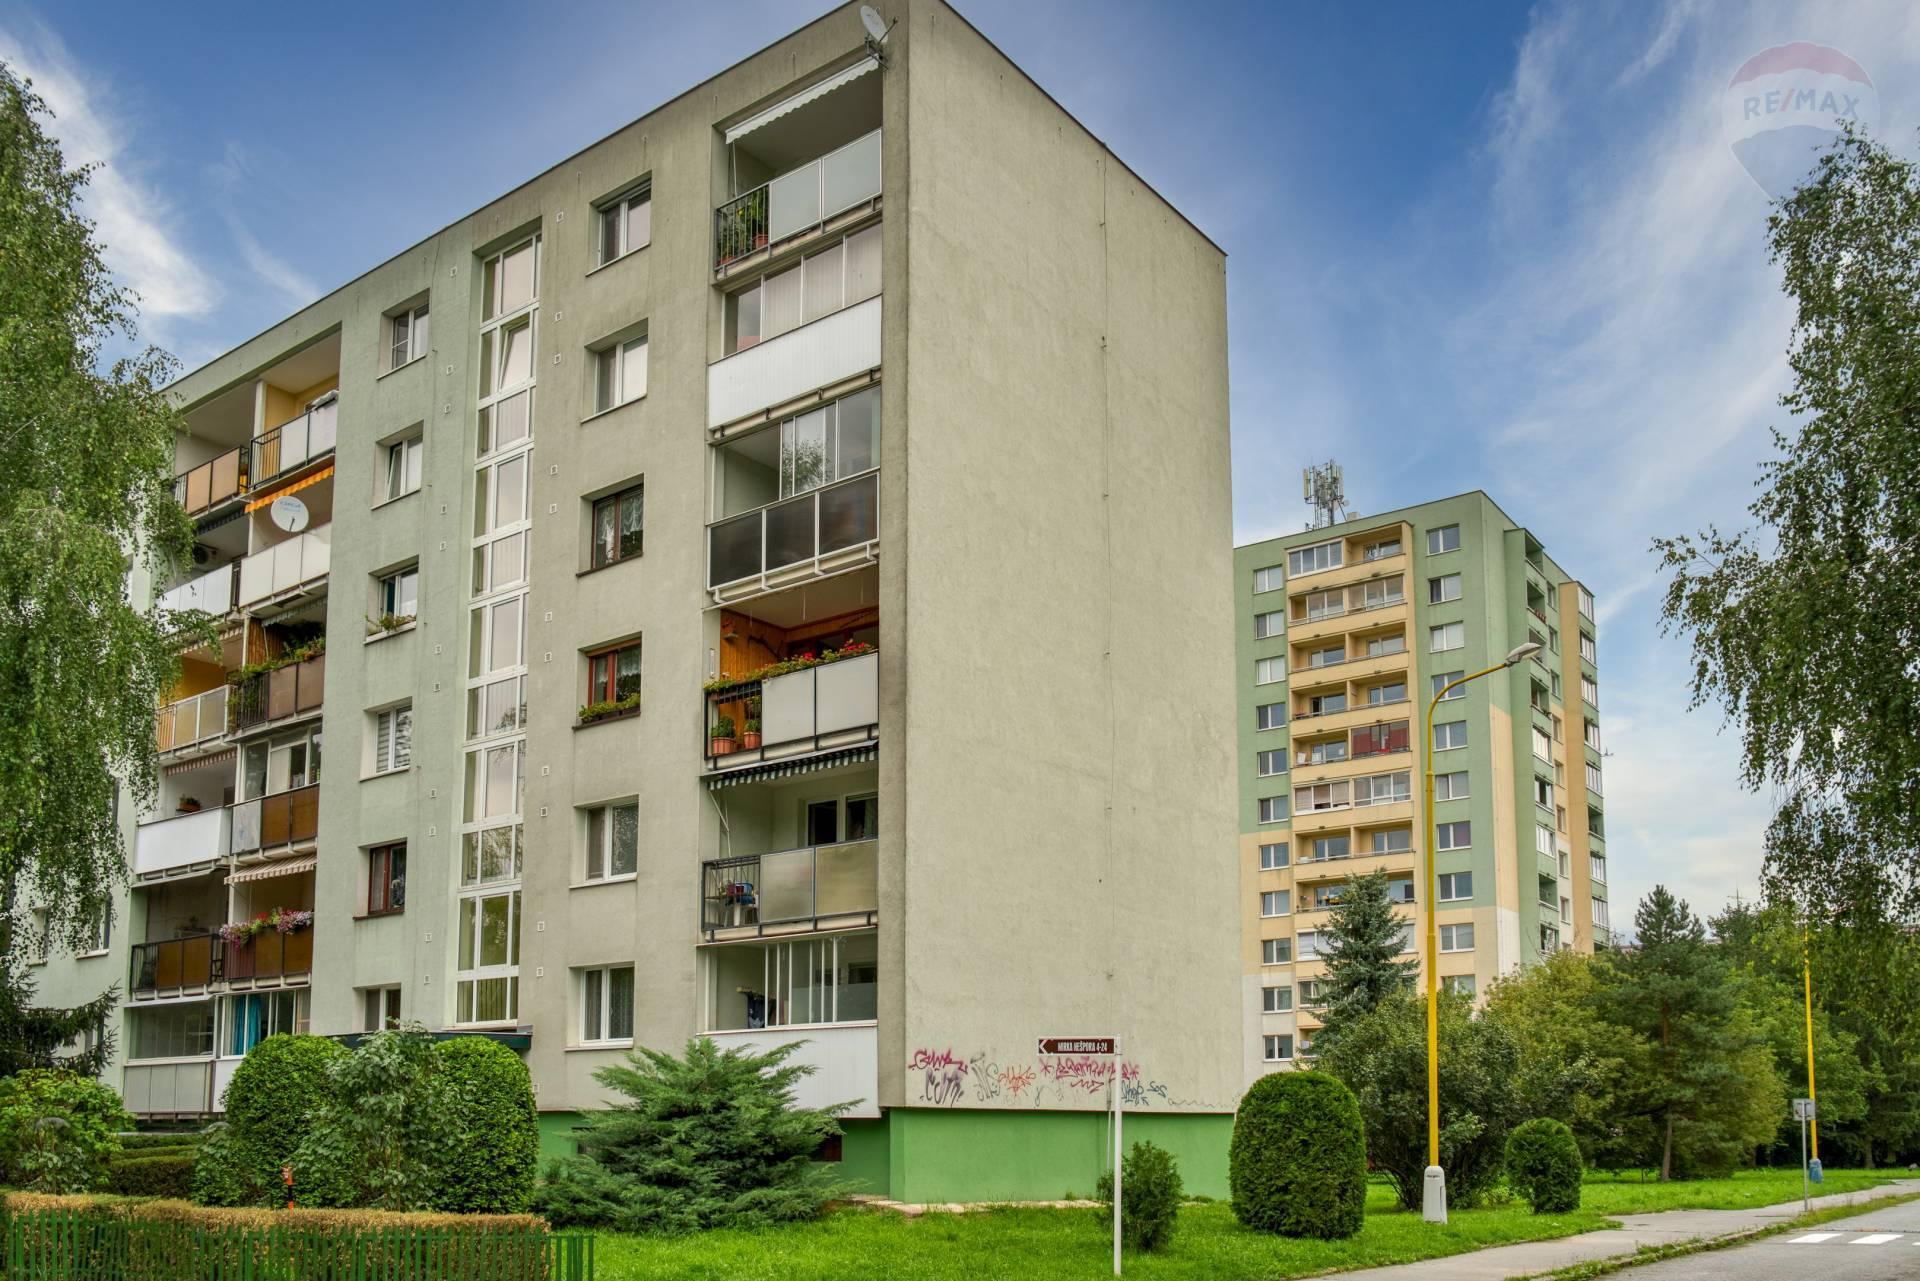 3 izbový byt na predaj, ulica Mirka Nešpora, Sídlisko III, Prešov